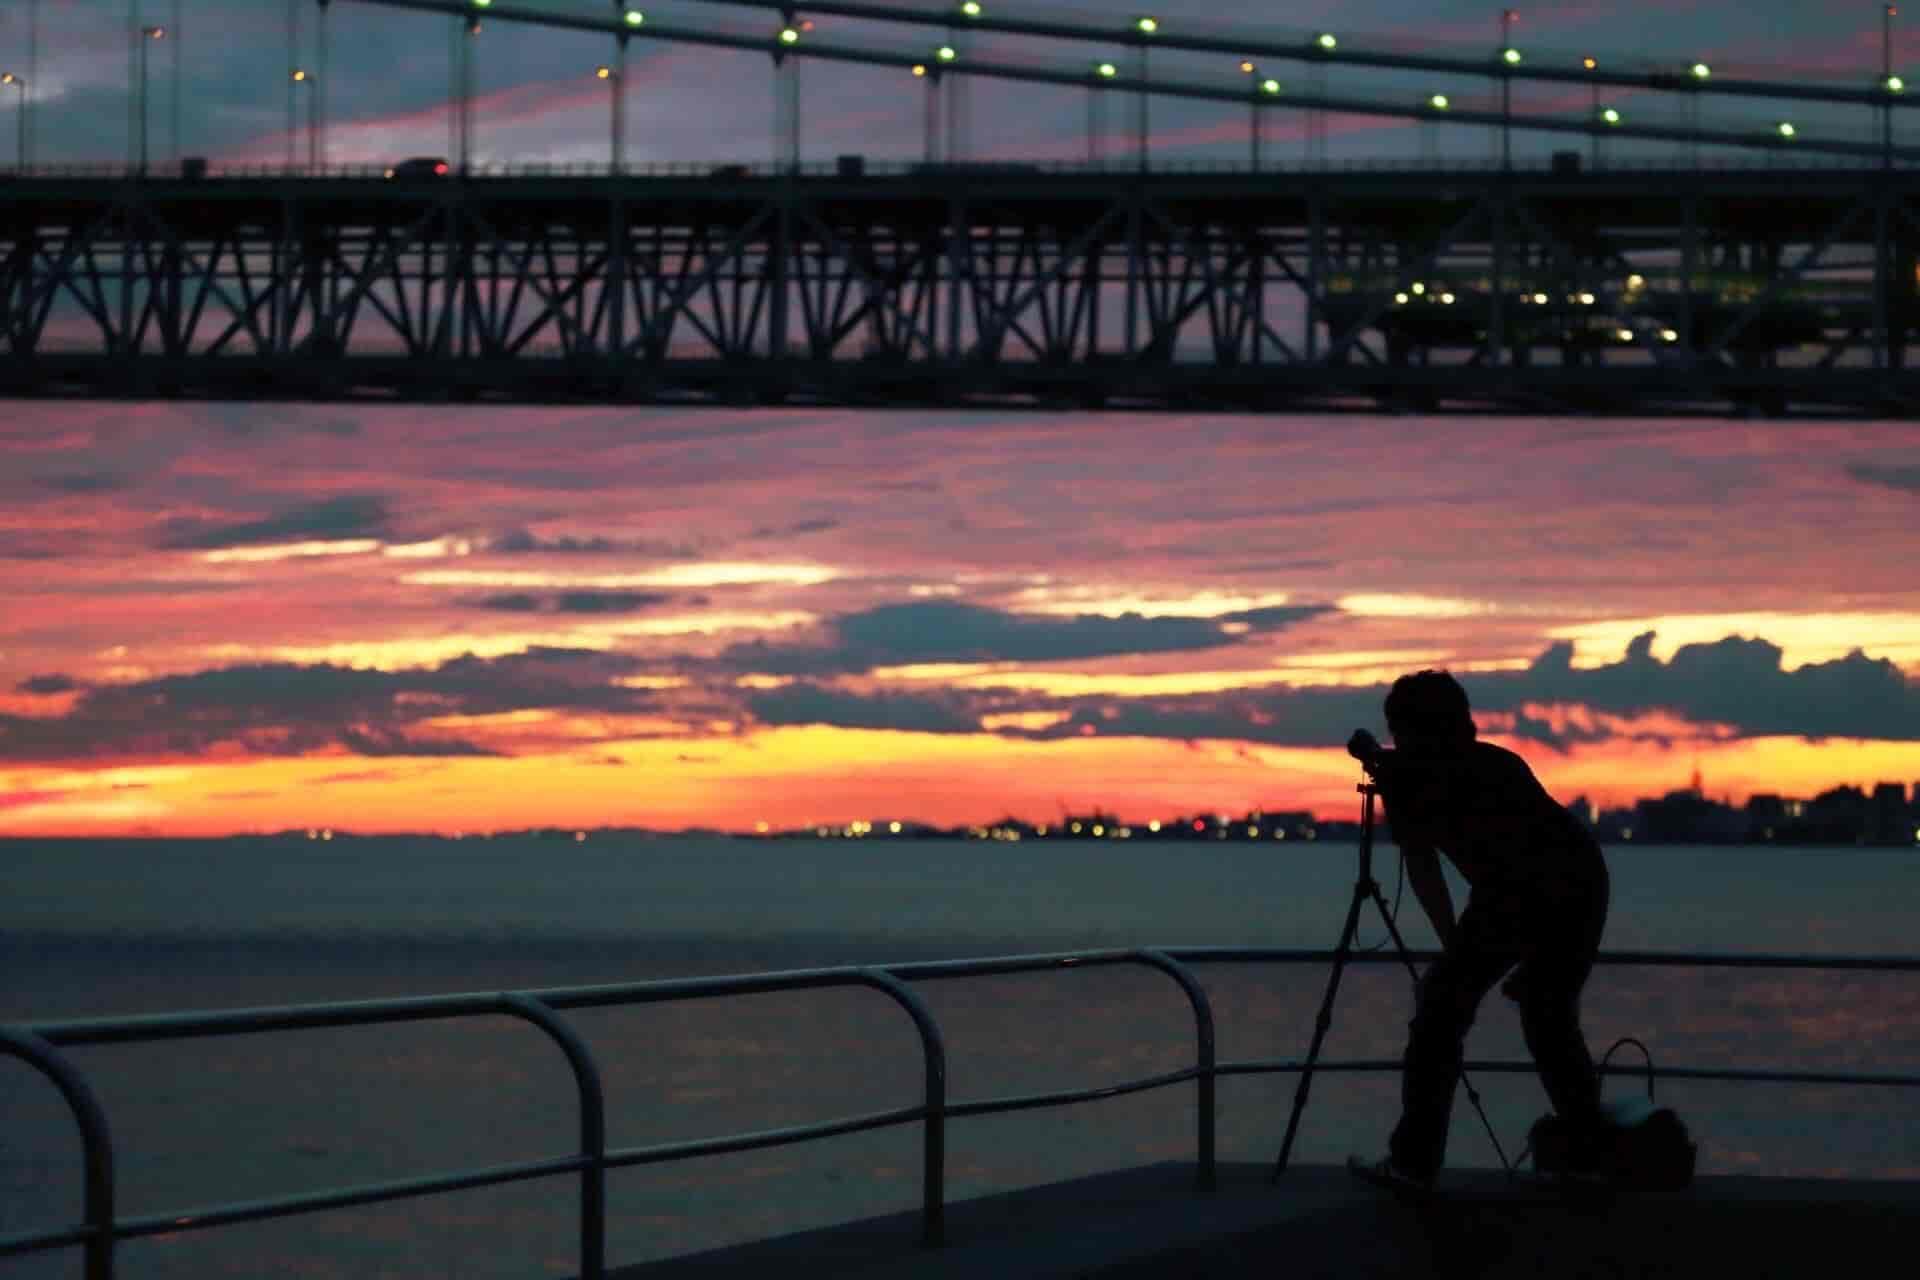 ラブ探偵事務所と他社の千葉県船橋市での夜間暗視撮影